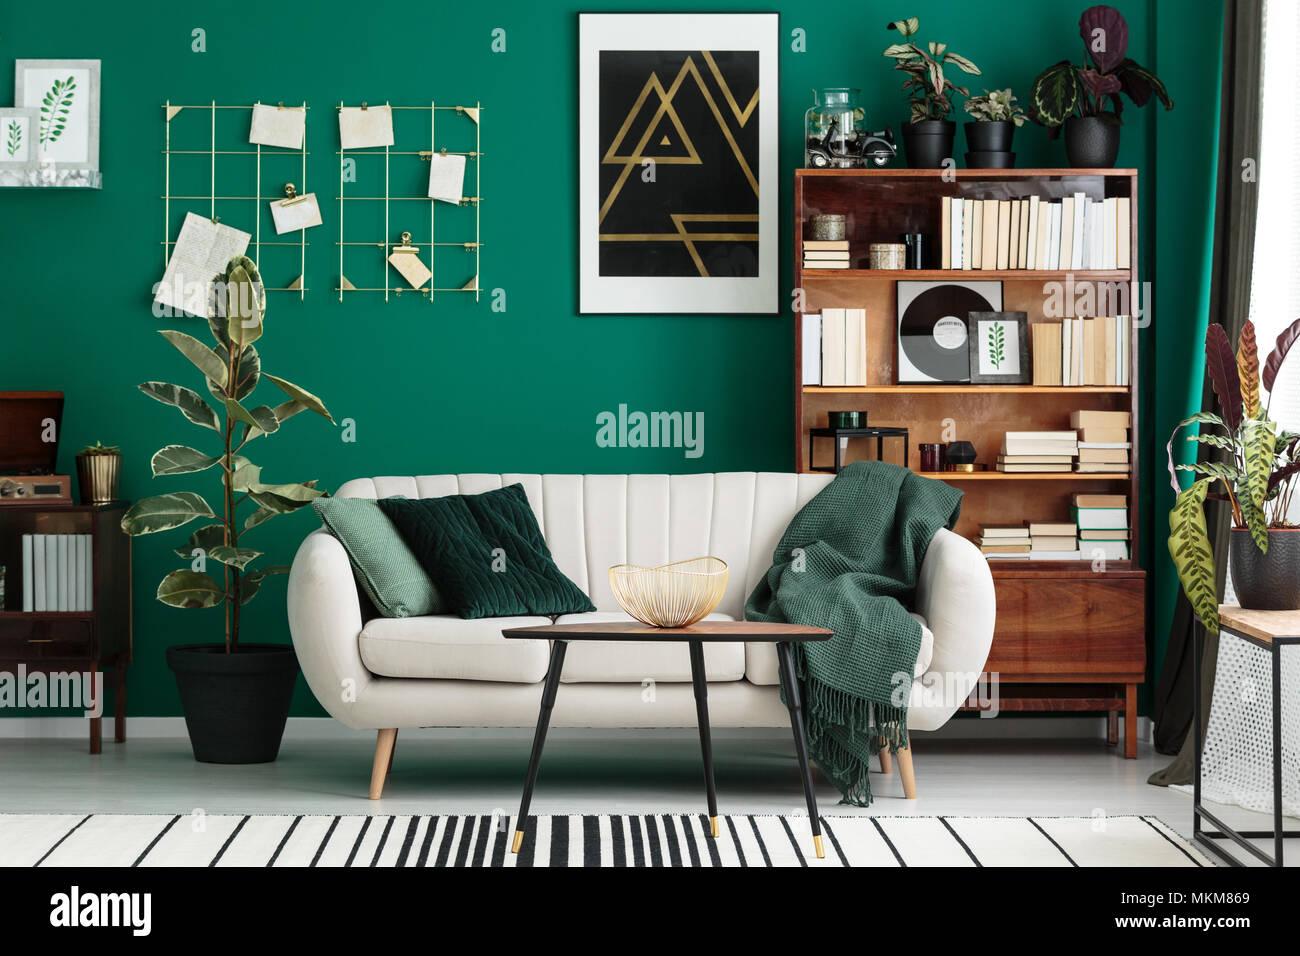 Wohnzimmer Kunst Design | Gemutliche Designer Wohnzimmer Mit Bibliothek Antike Holzregal